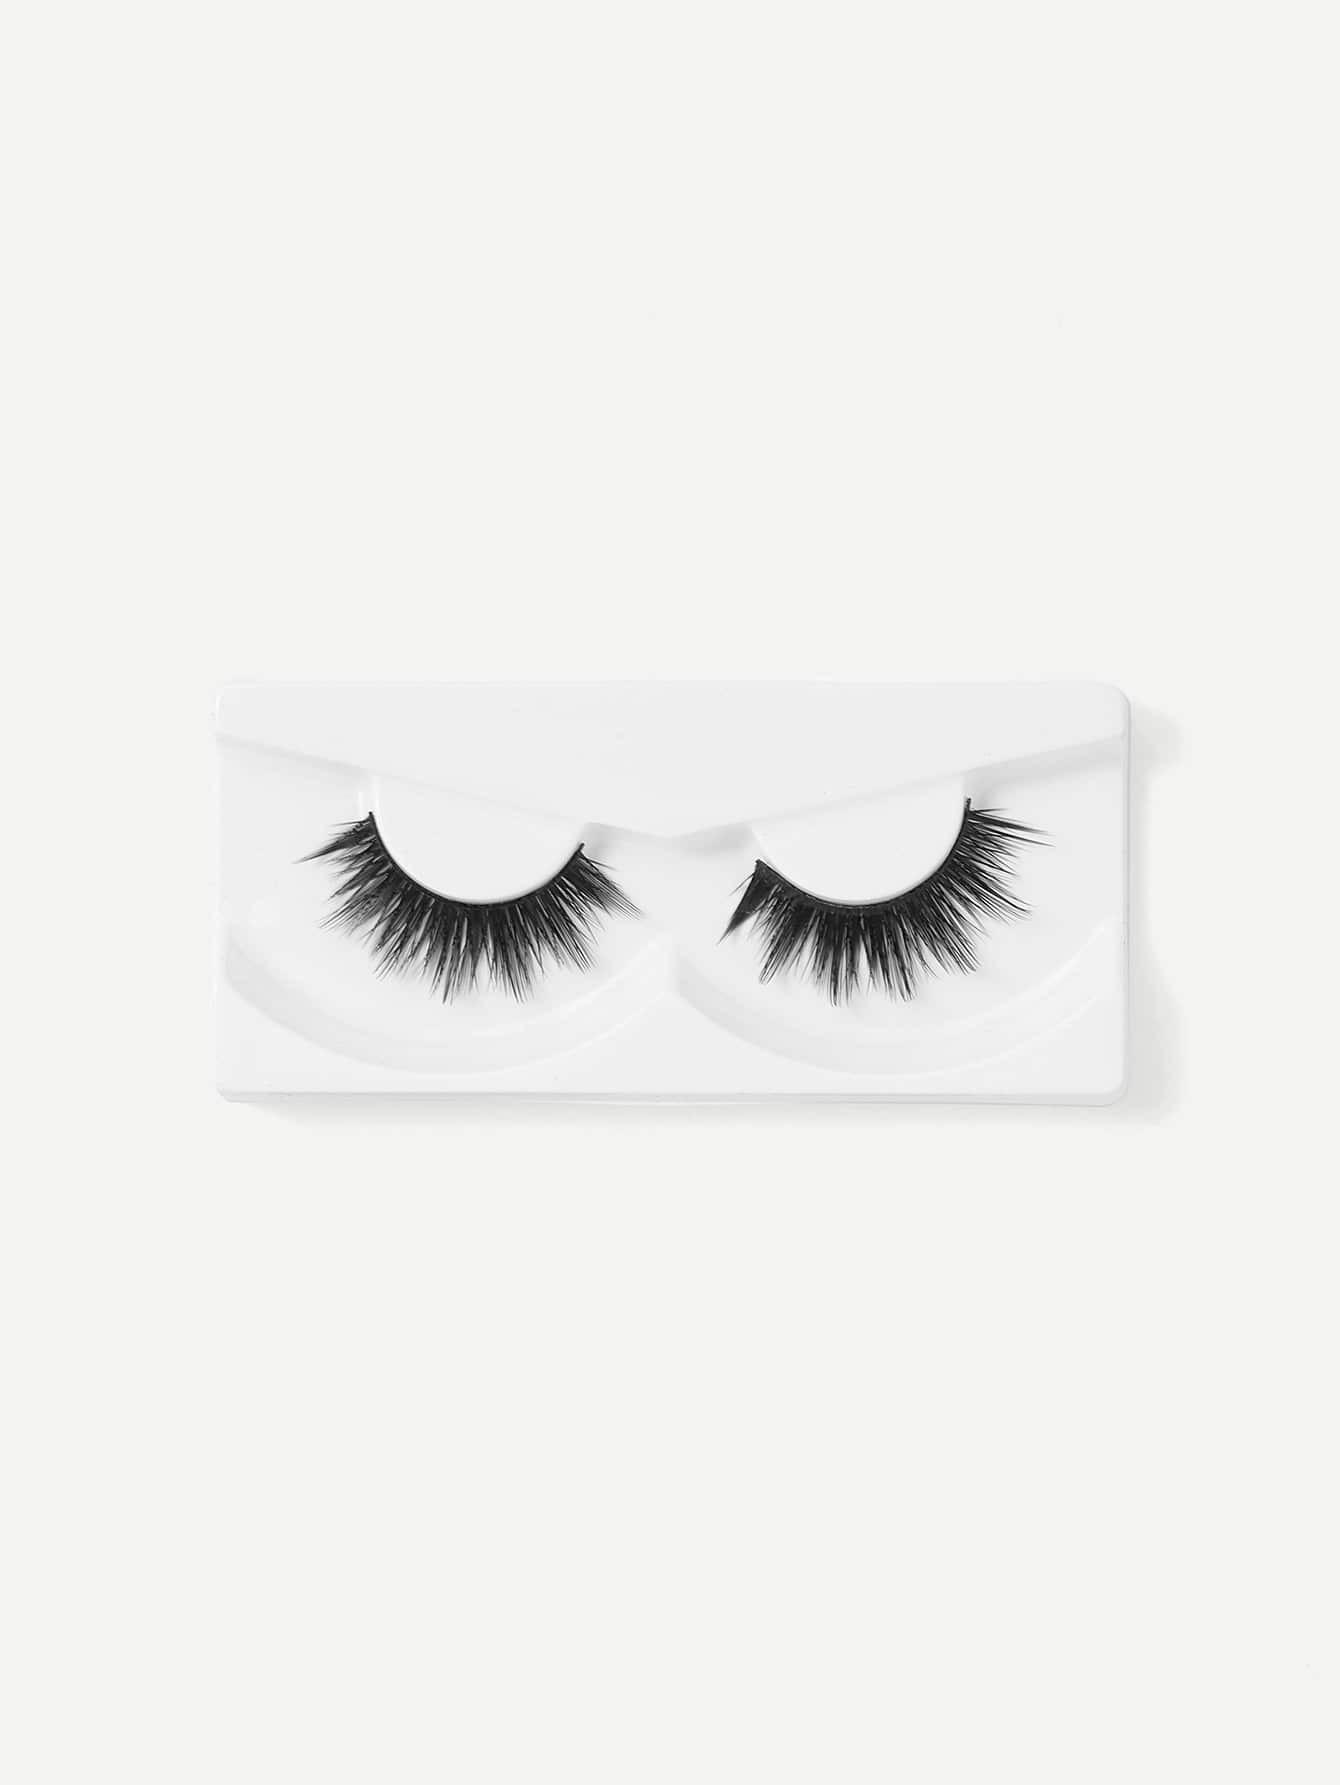 Volumizing Lengthening False Eyelash 1pair jiaocan 7011 eyelash super volumizing mascara combination